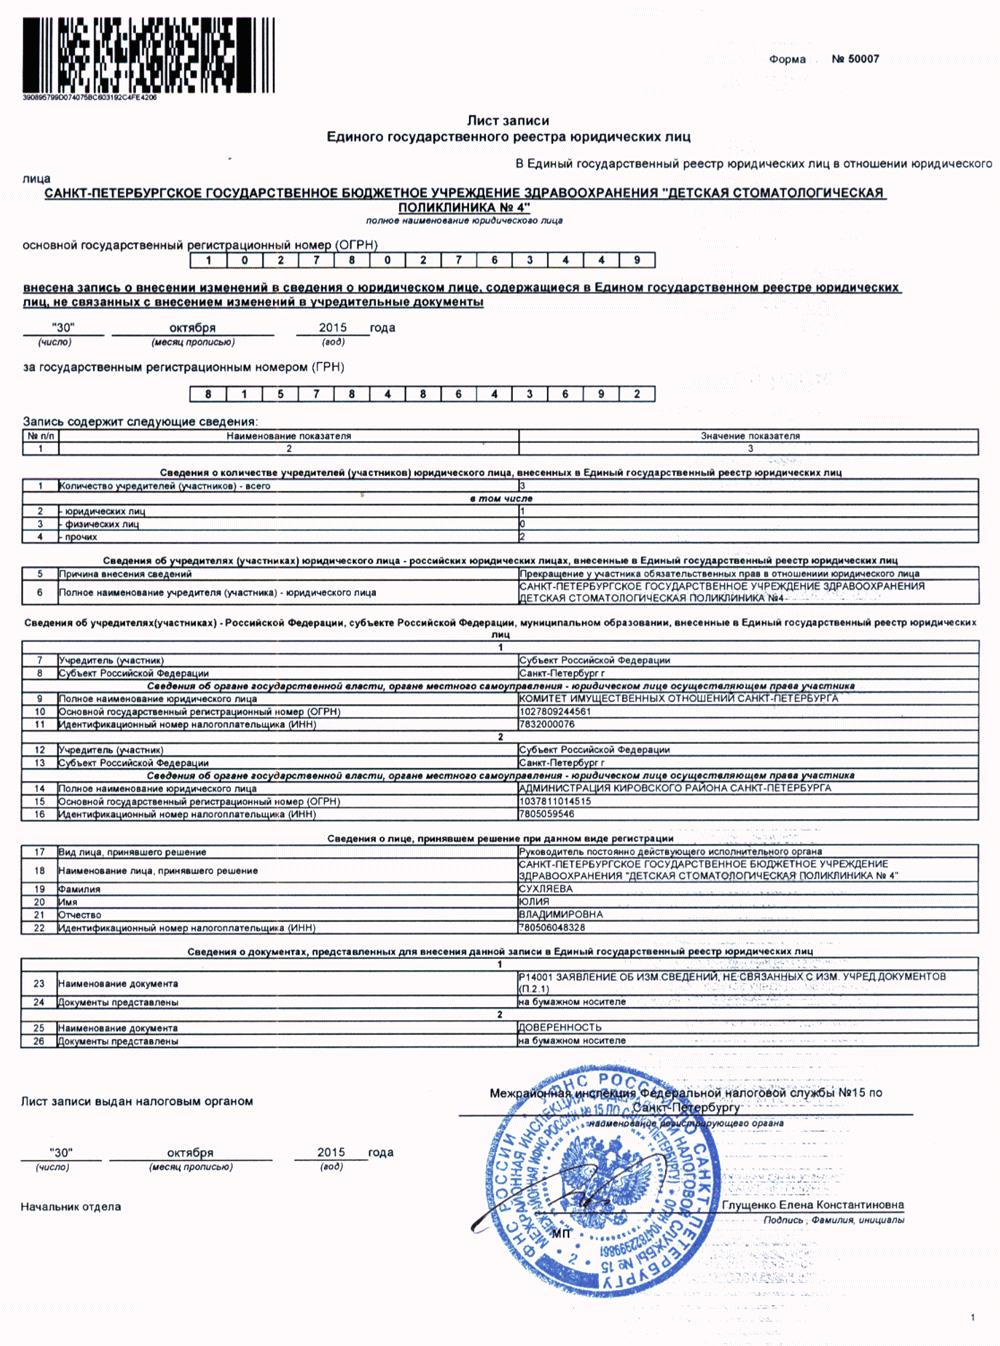 Консультативно-диагностическая поликлиника 1 приморский пр 3